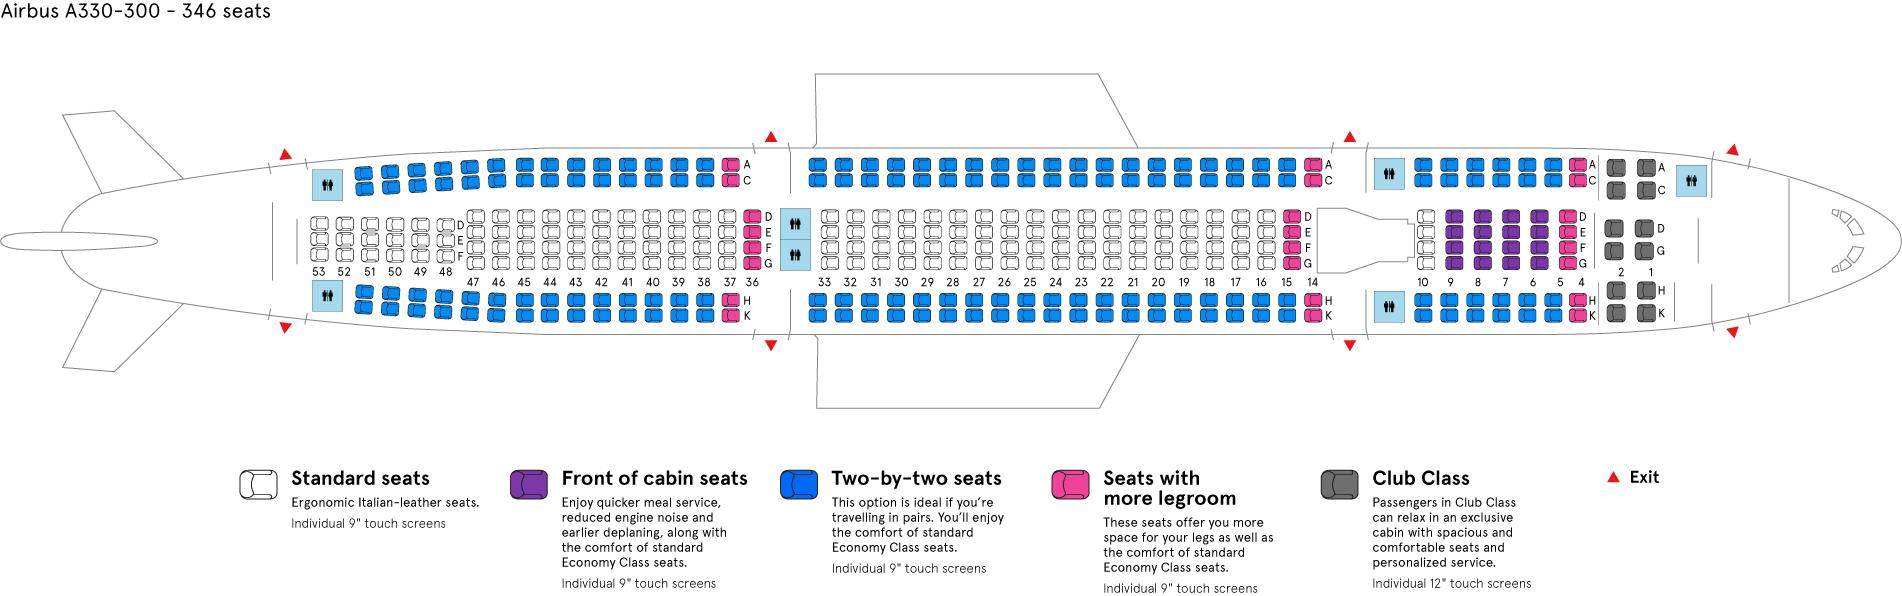 Air Transat Airbus A330-300 aircraft cabin